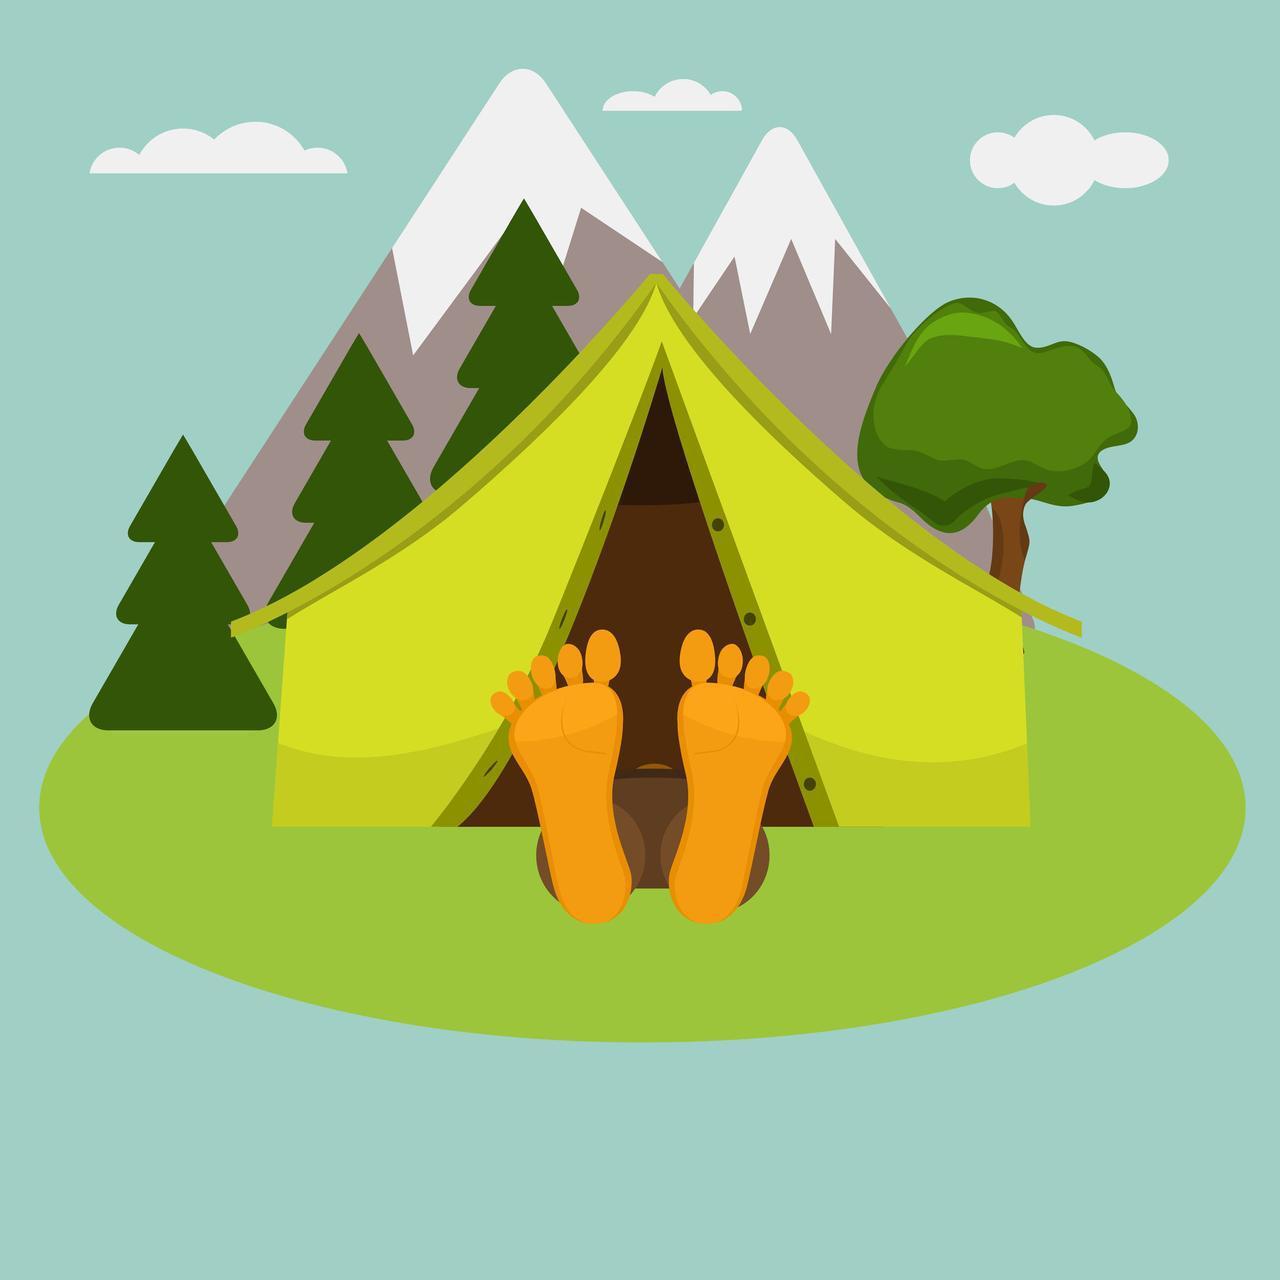 画像: 【ぐっすり眠れる】キャンプに快適な寝床作りのコツ 良質な睡眠を取る方法は? - ハピキャン|キャンプ・アウトドア情報メディア